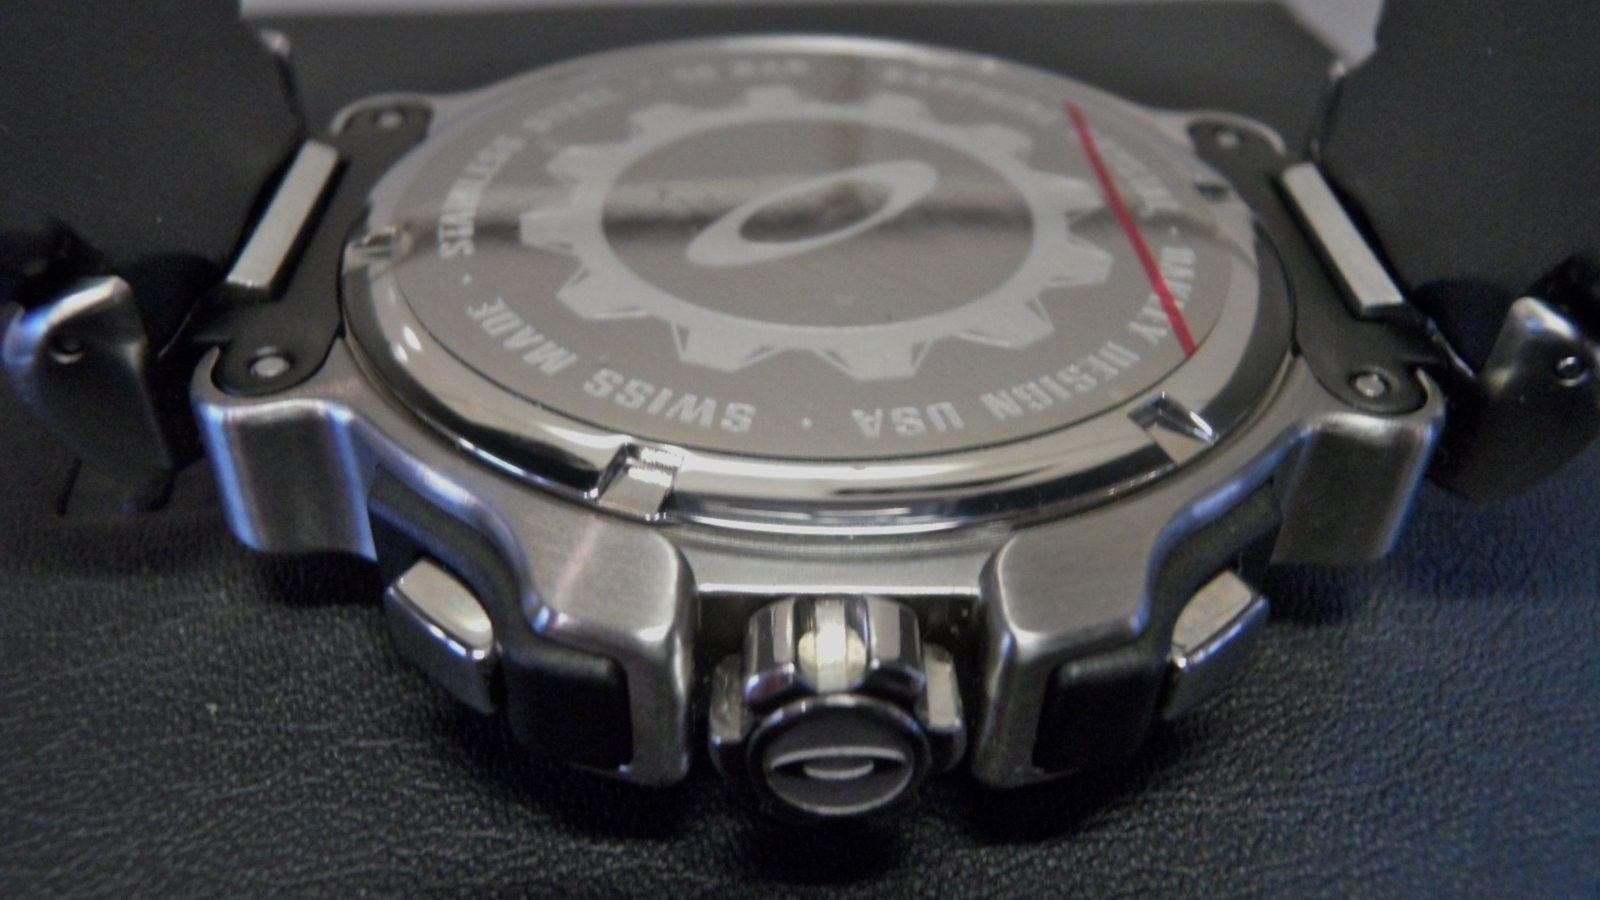 Brand New Crankcase Watch Stainless Steel/Black with Unobtanium - SAM_0015.JPG